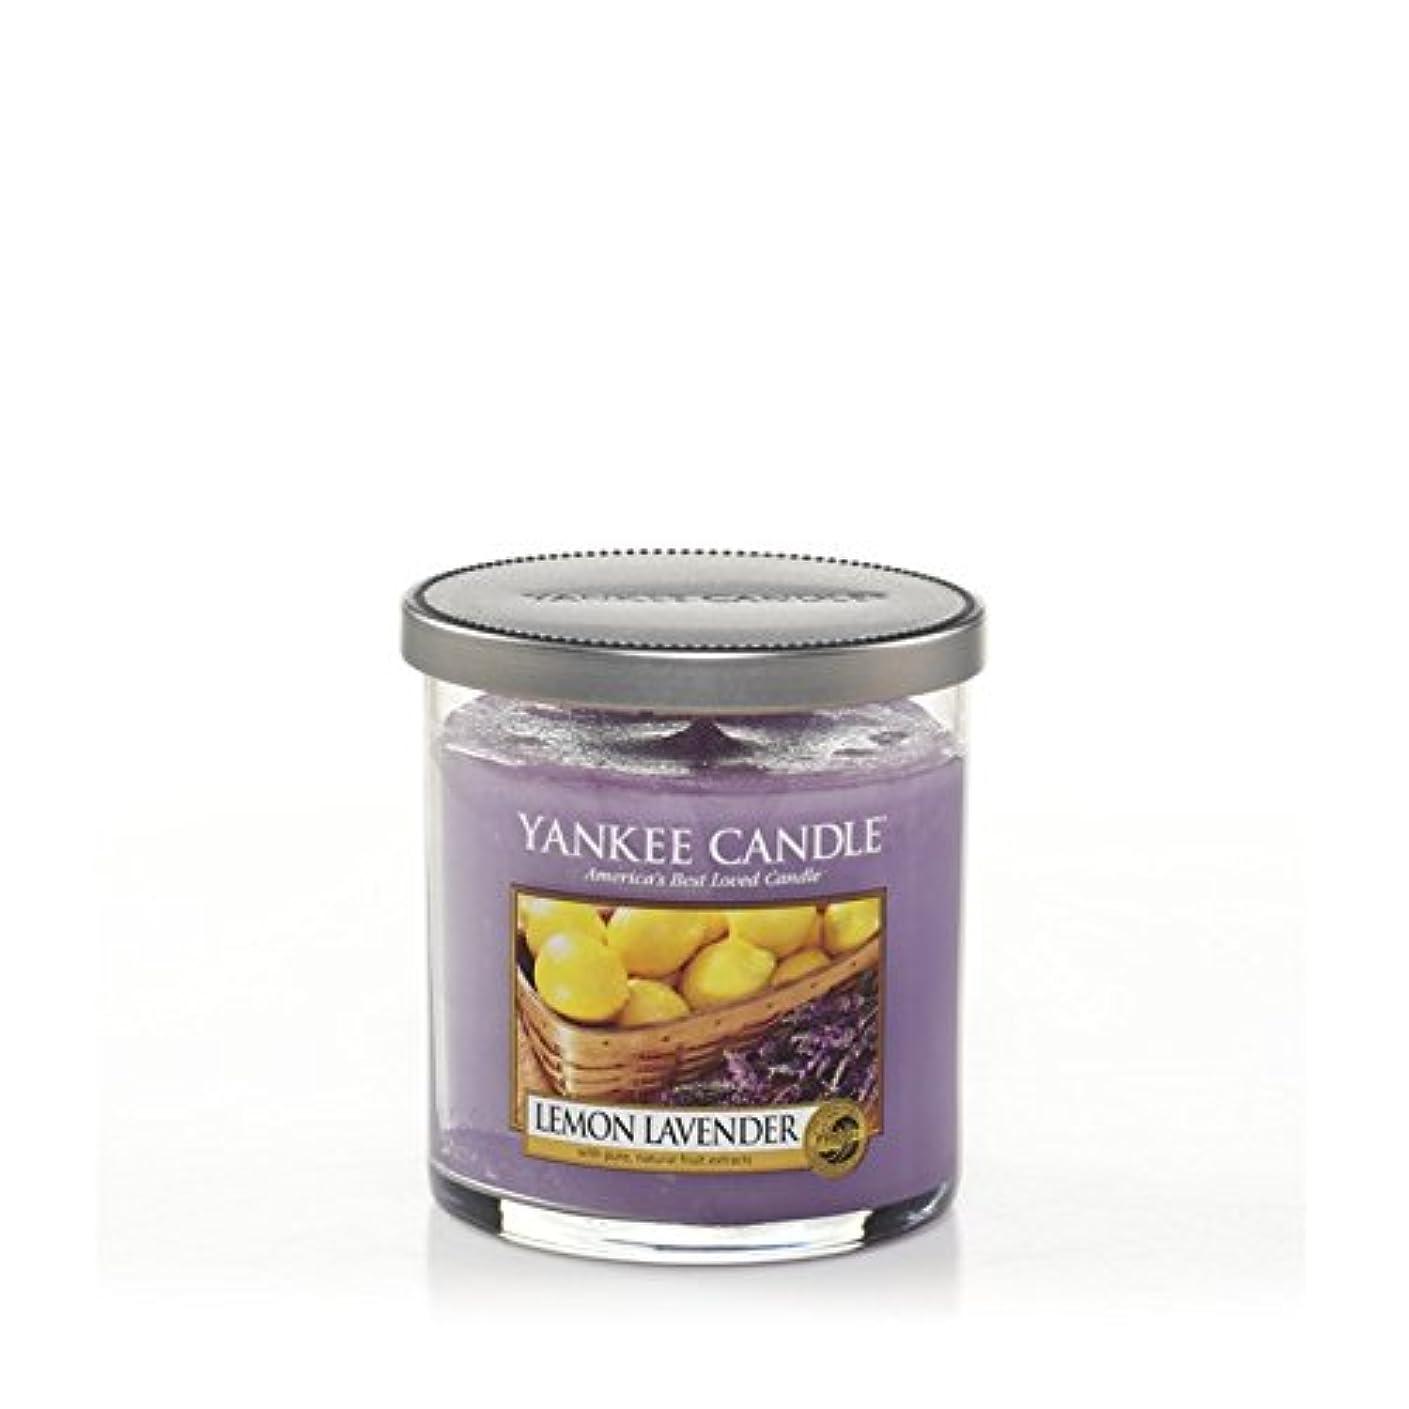 決定する登山家外交官ヤンキーキャンドルの小さな柱キャンドル - レモンラベンダー - Yankee Candles Small Pillar Candle - Lemon Lavender (Yankee Candles) [並行輸入品]